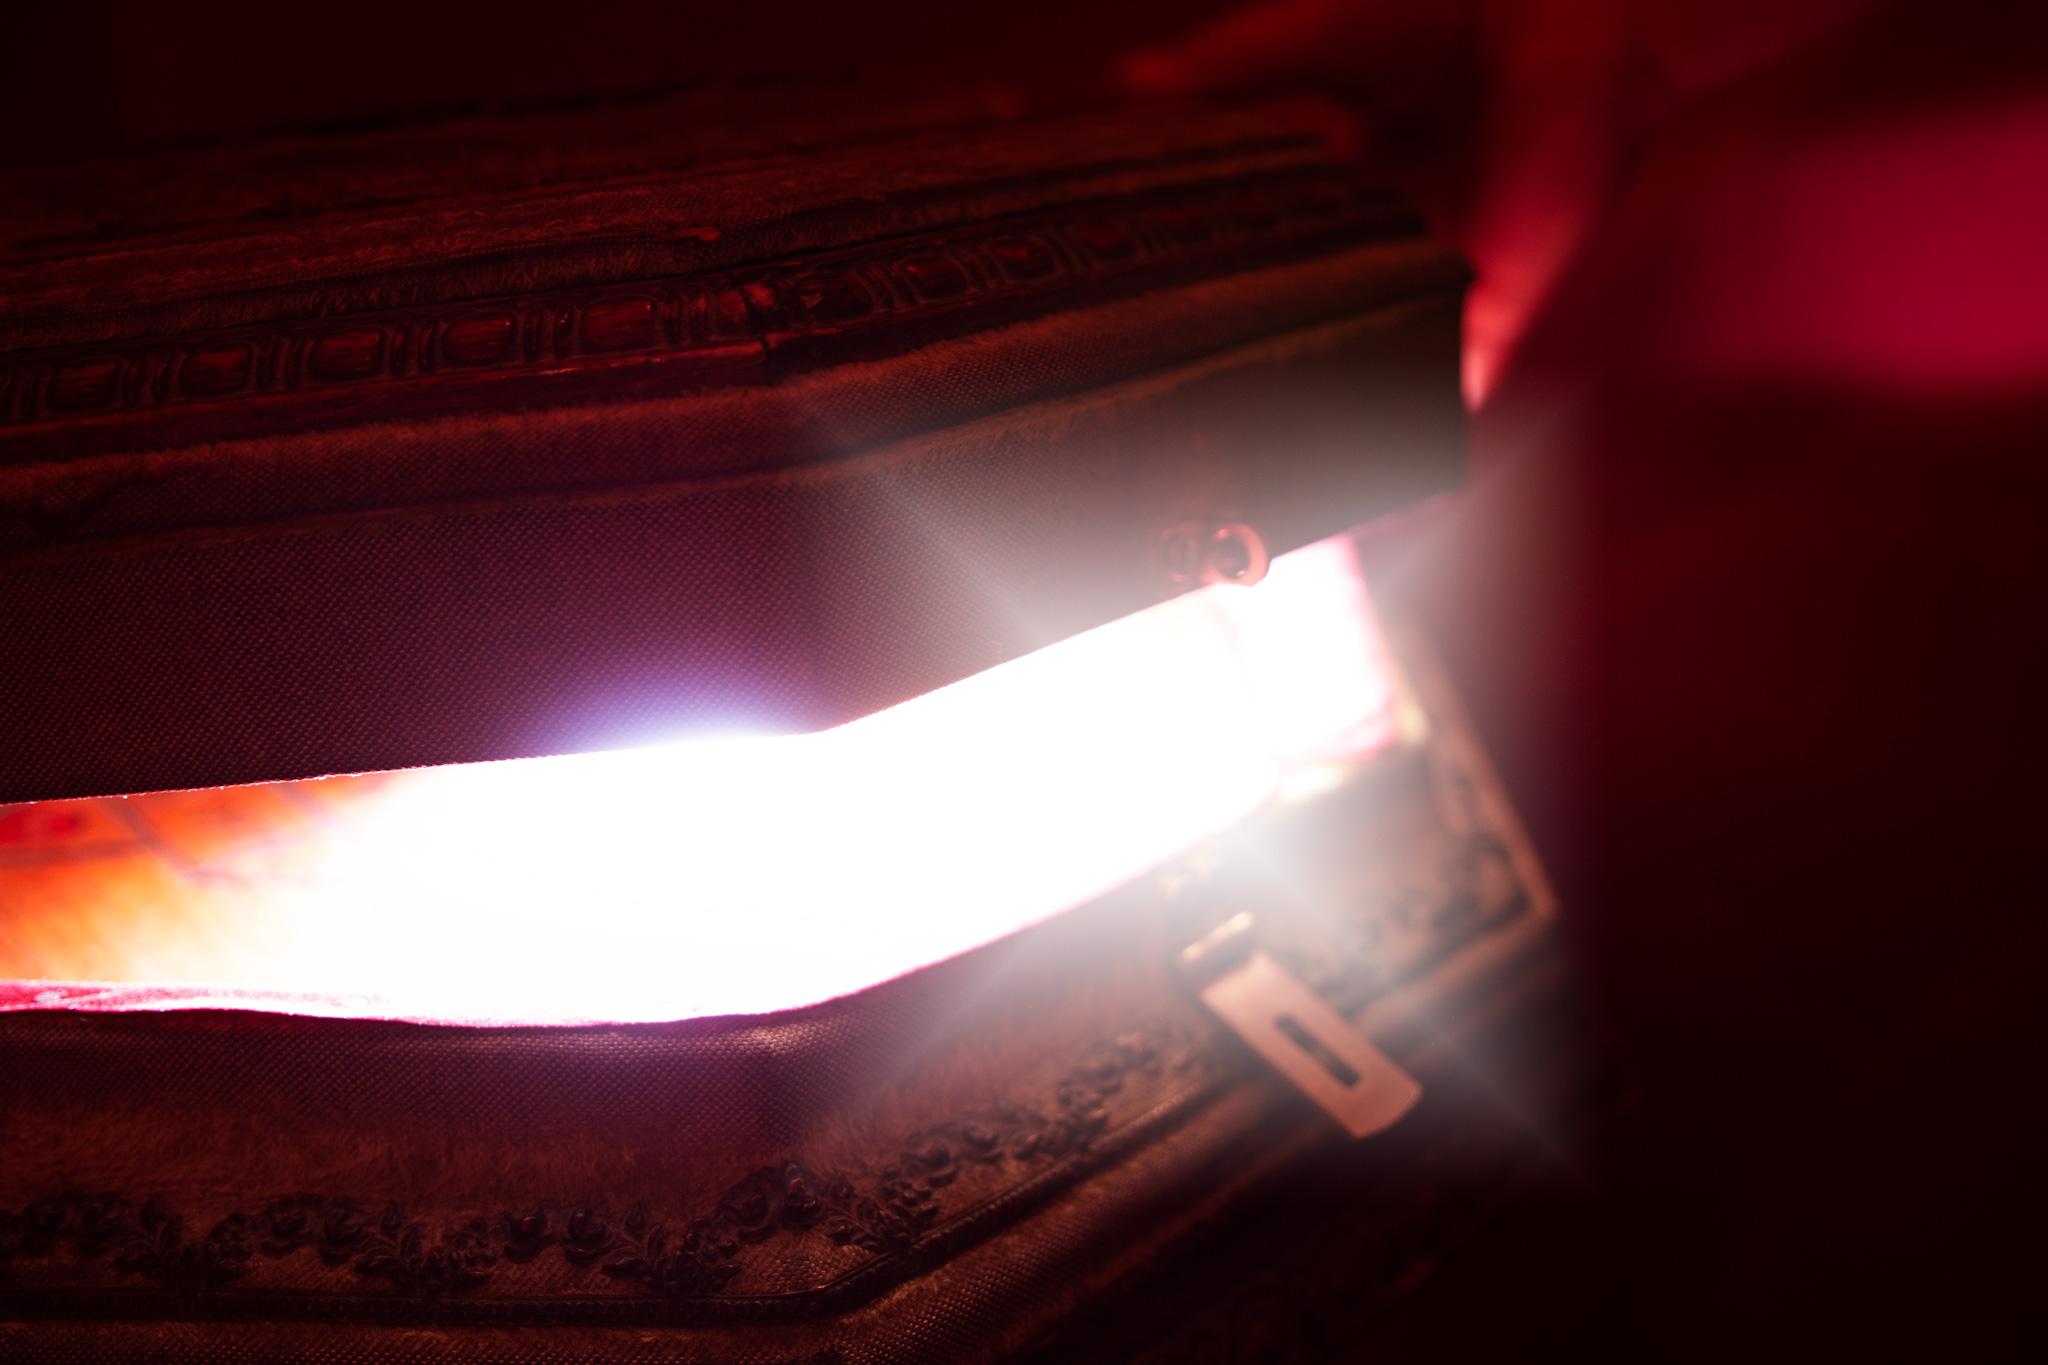 Colere-vouivre-photo-boite-lumiere